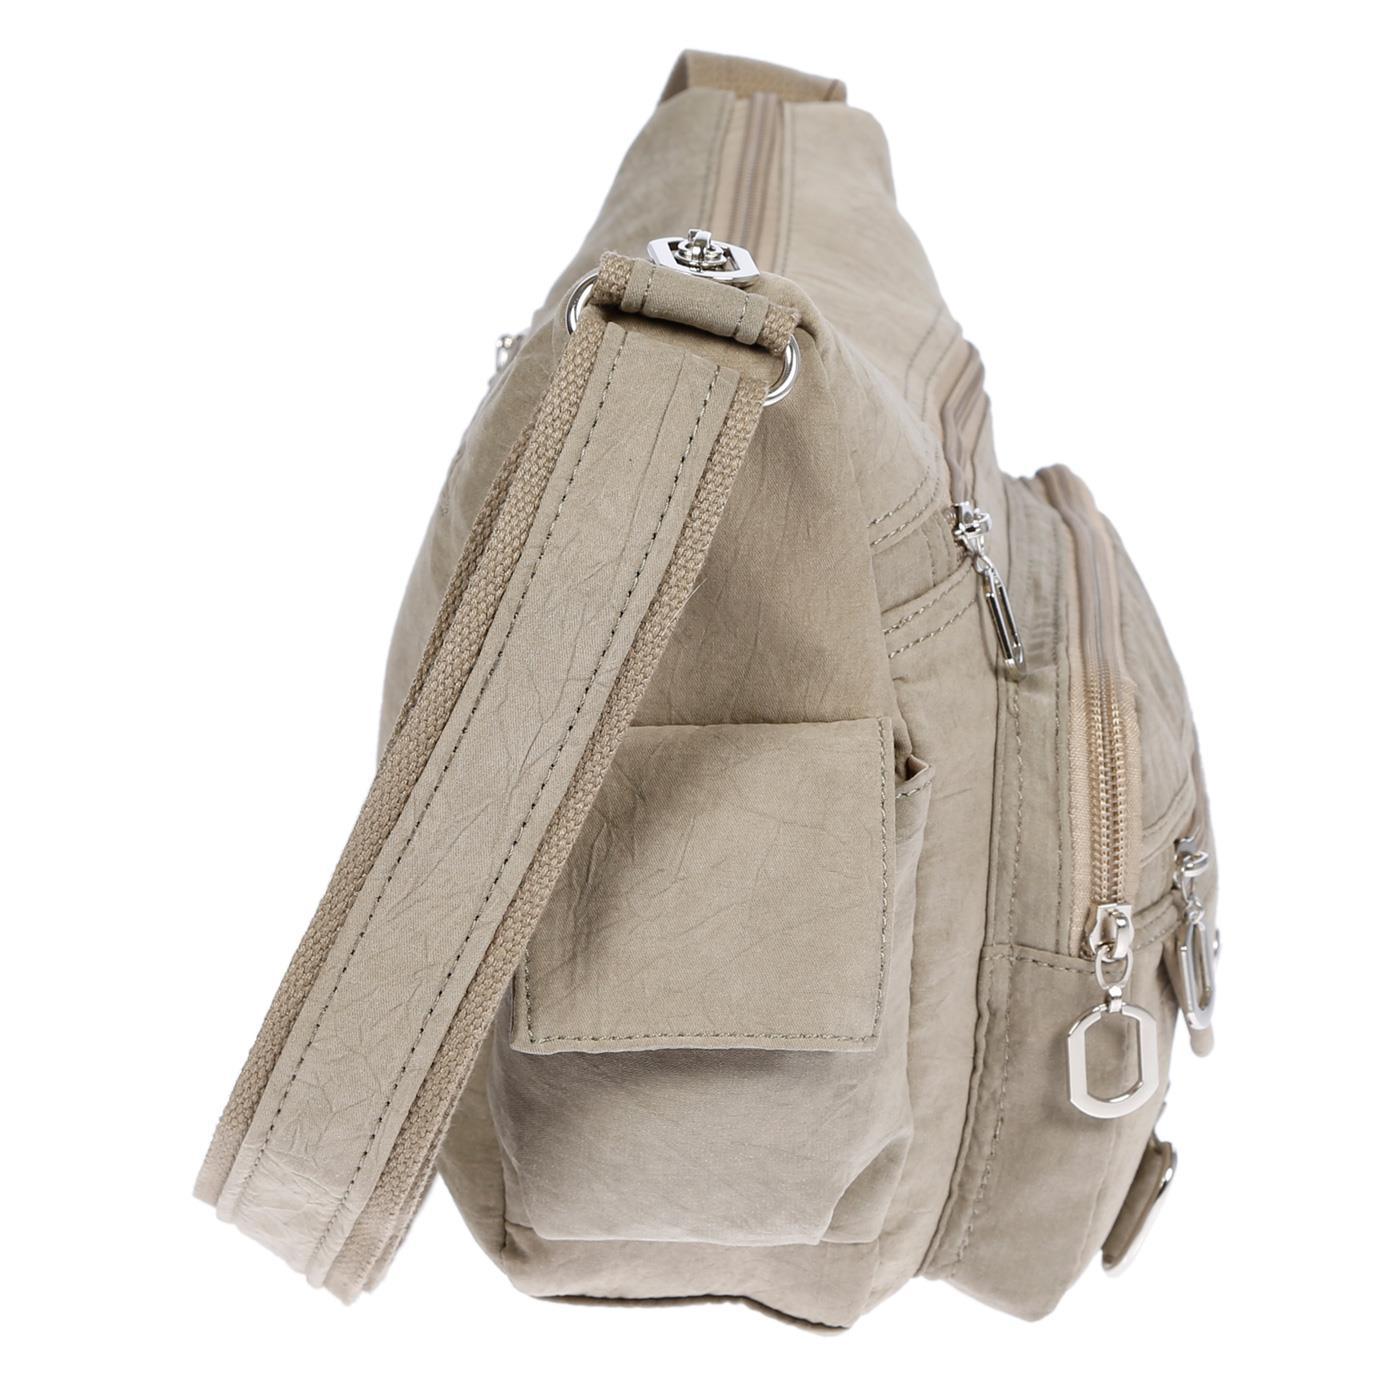 Damenhandtasche-Schultertasche-Tasche-Umhaengetasche-Canvas-Shopper-Crossover-Bag Indexbild 38